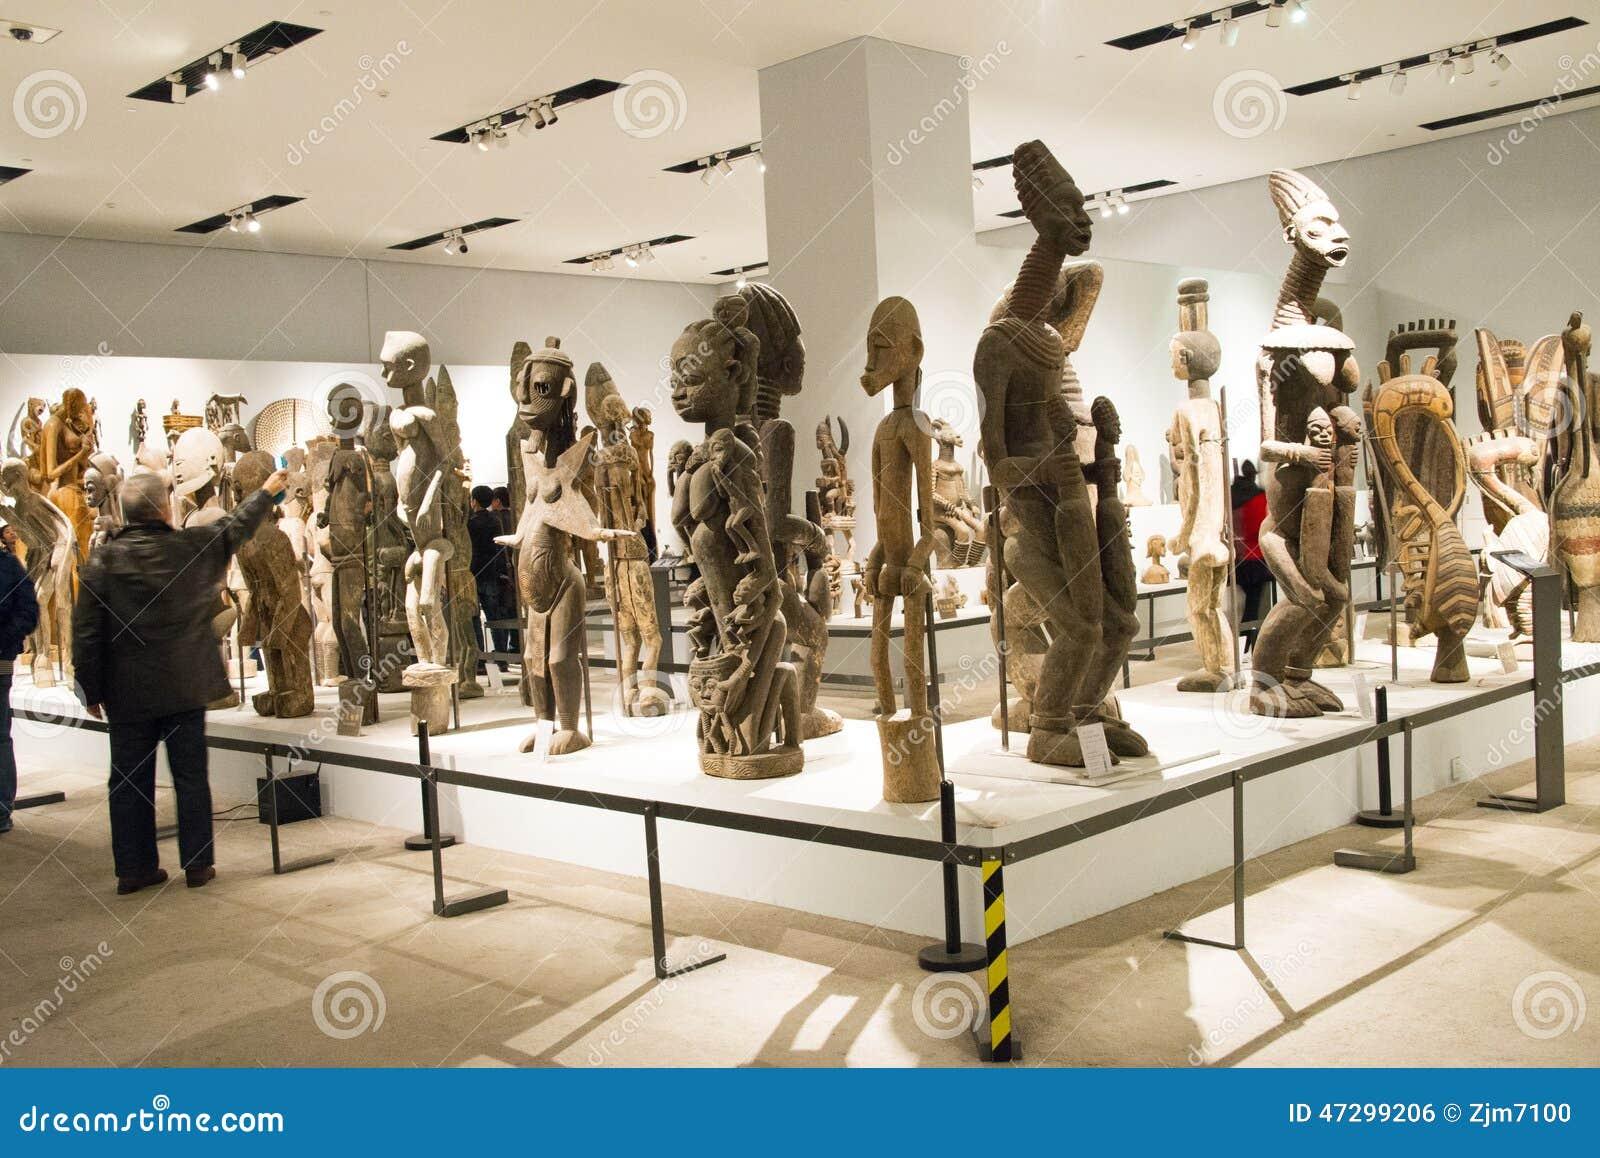 Exhibition Display Lighting : Asian china beijing national museum indoor exhibition